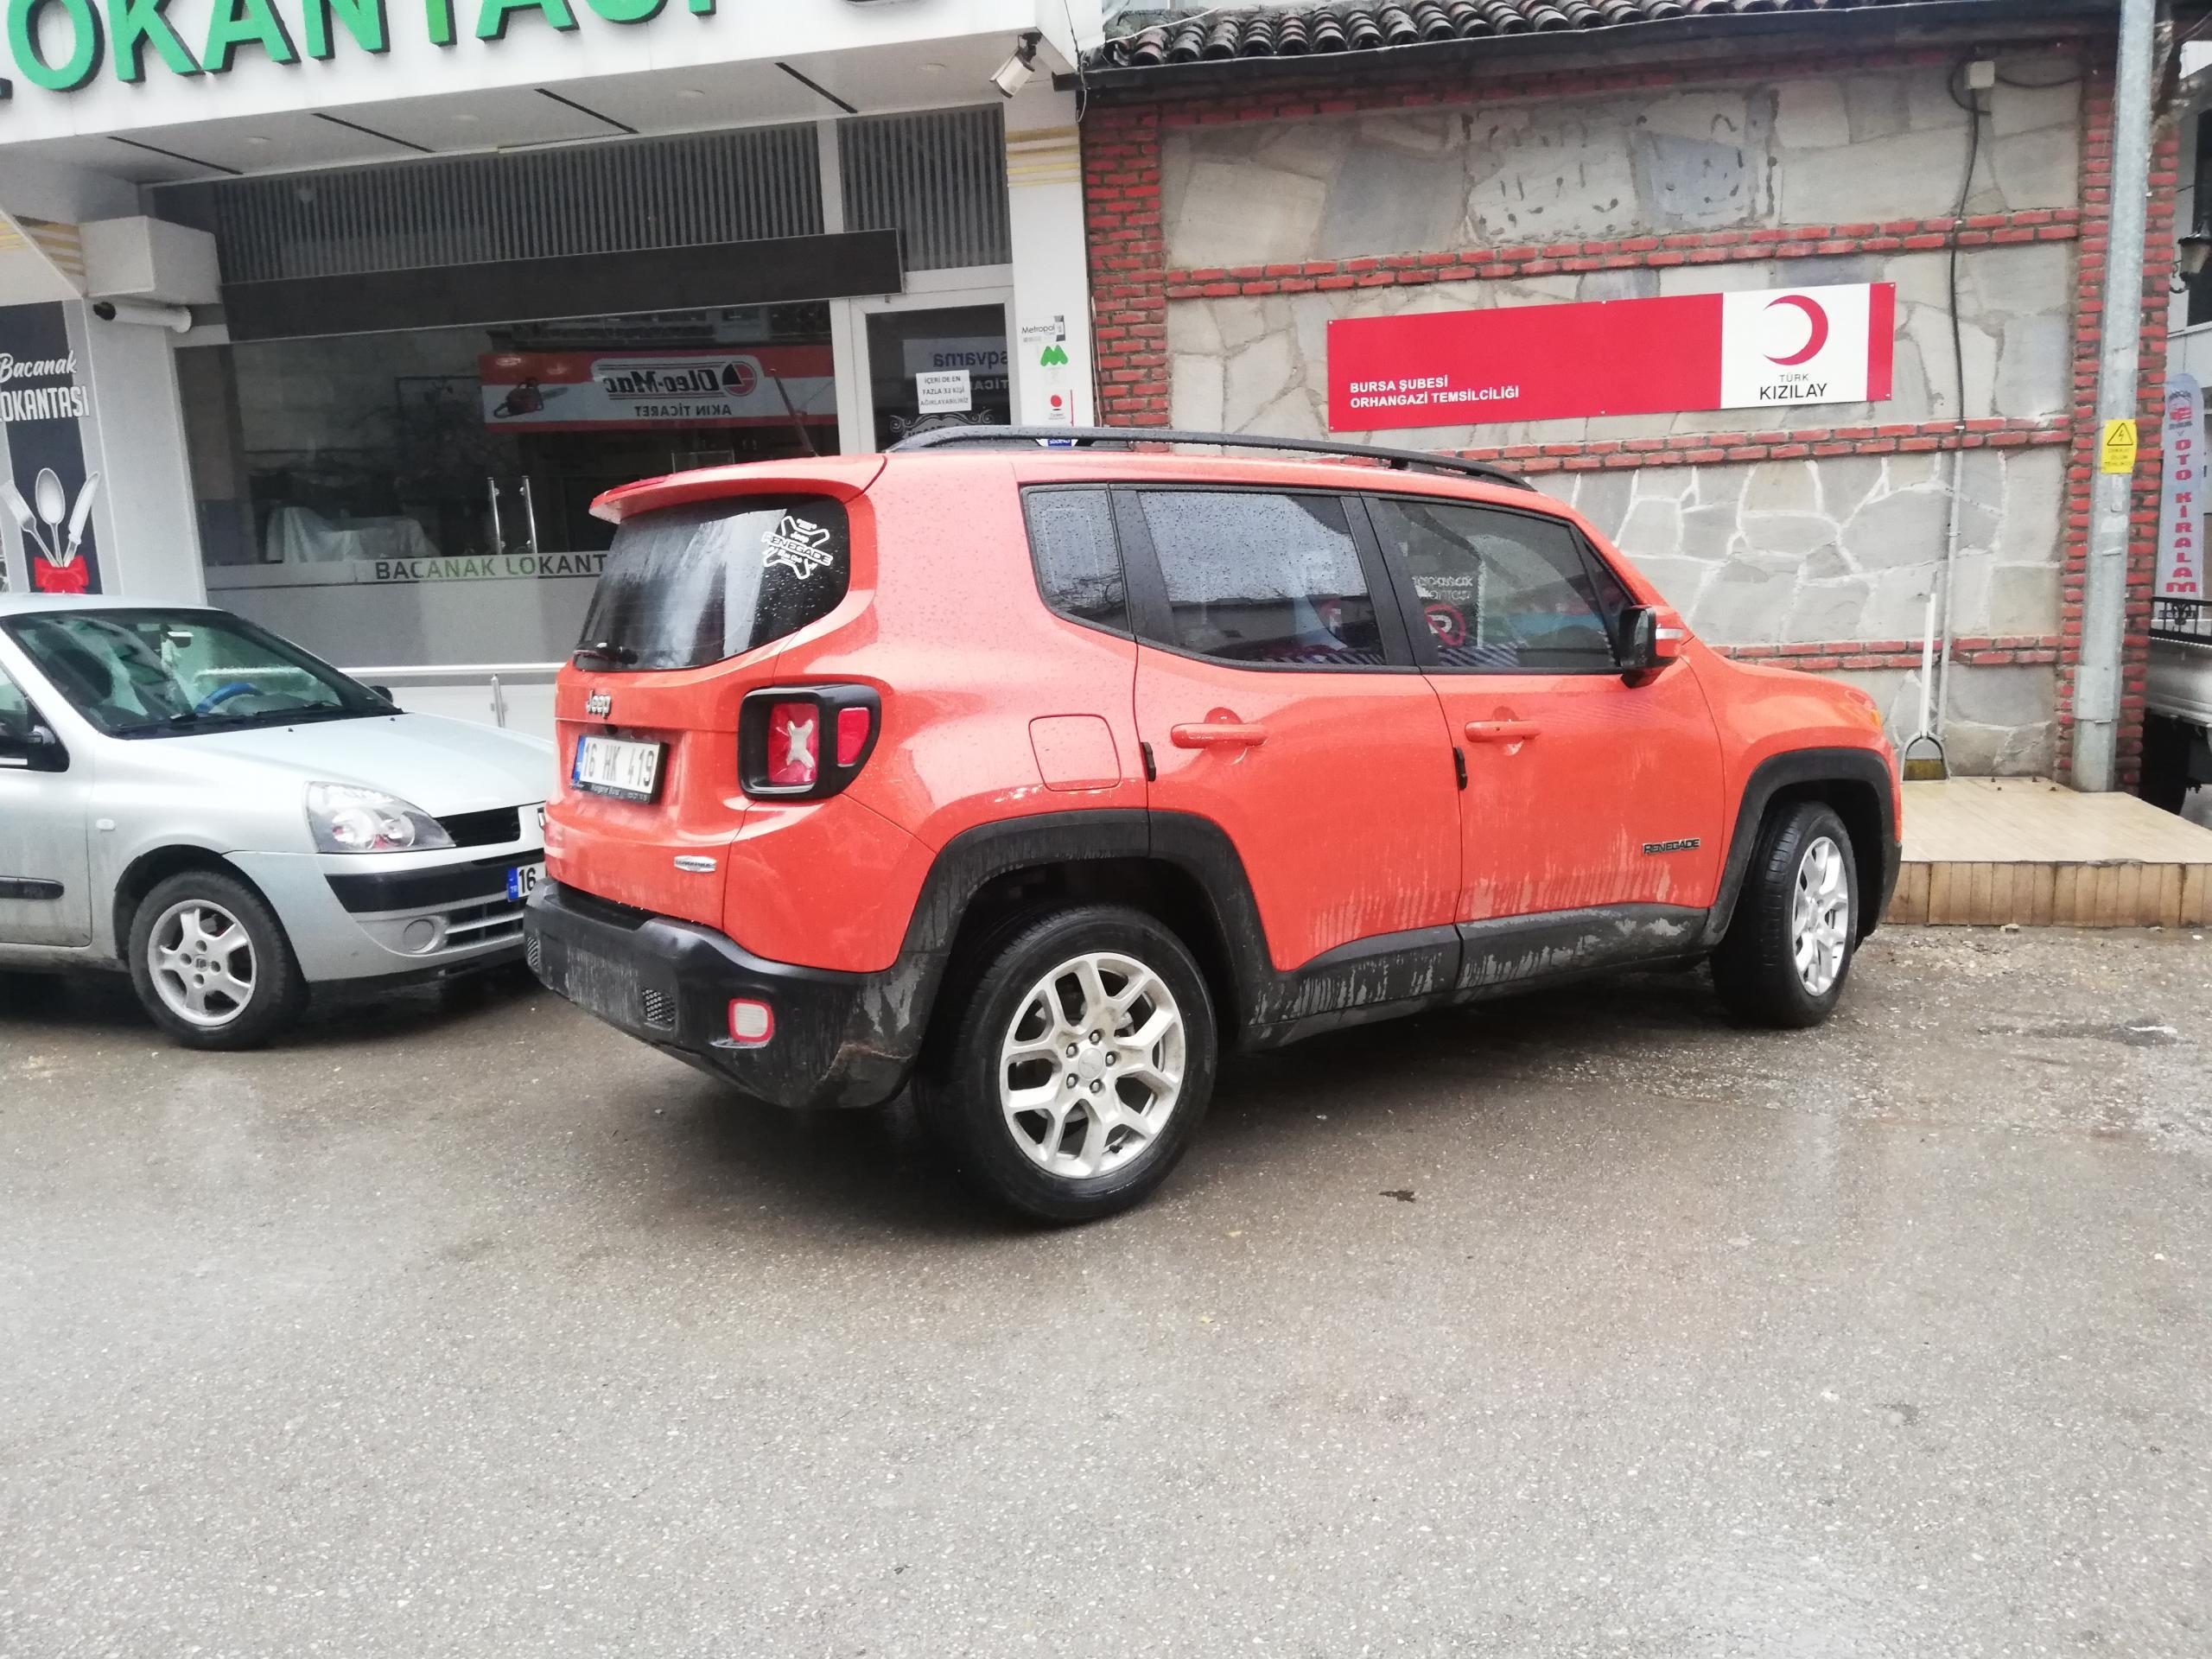 Orhangazi'de Araç Çalan Şahıslar Yenişehir'de Yakalandı!